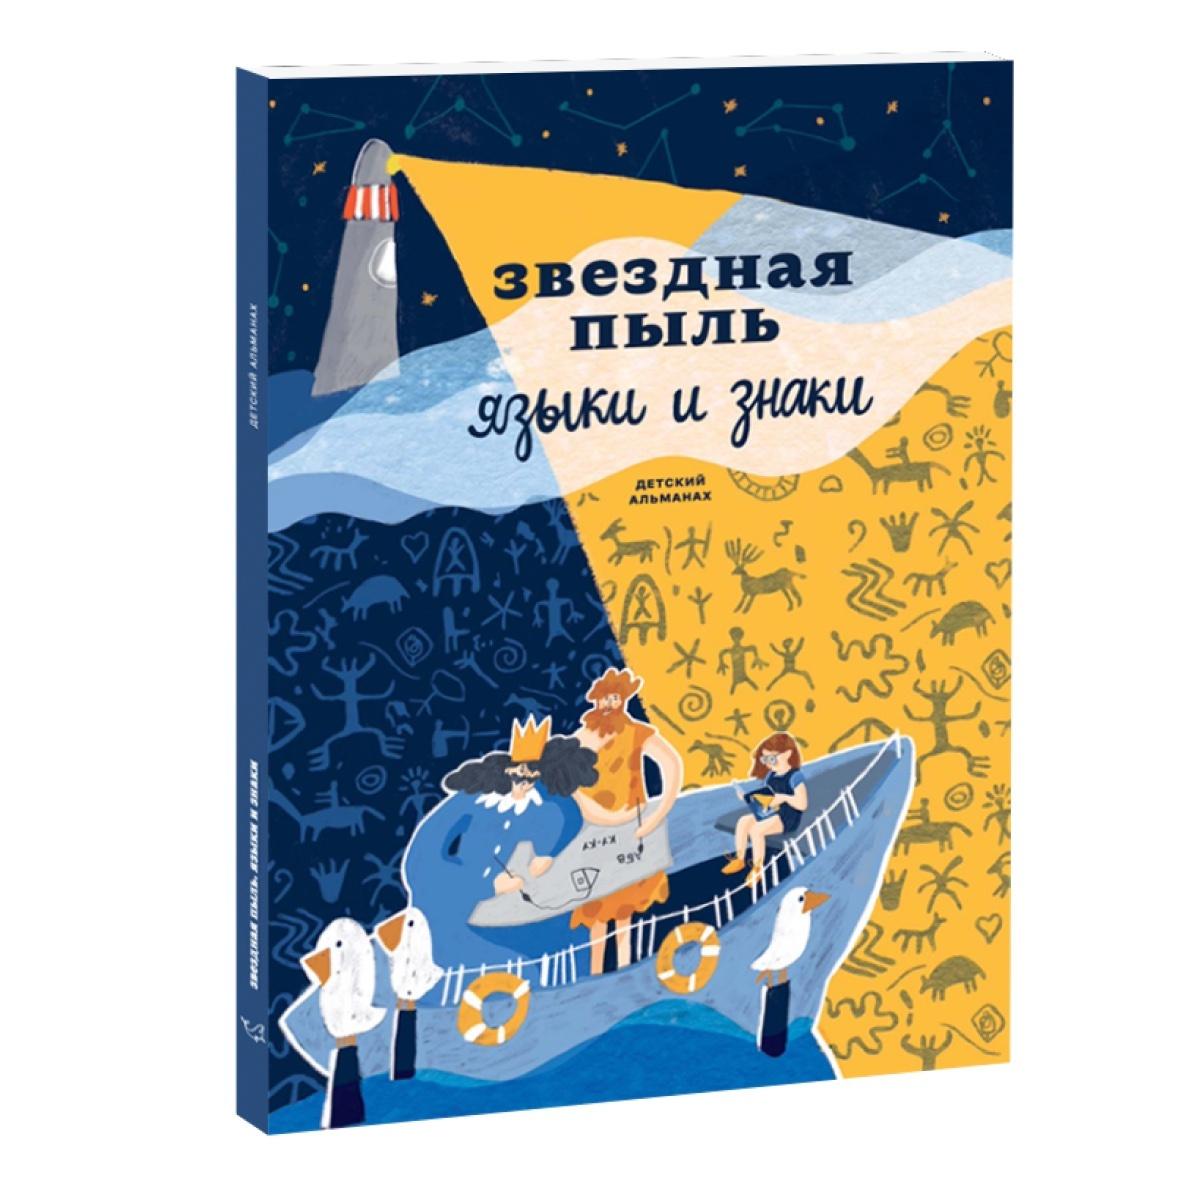 Звездная пыль. Языки и знаки. Детский альманах #1